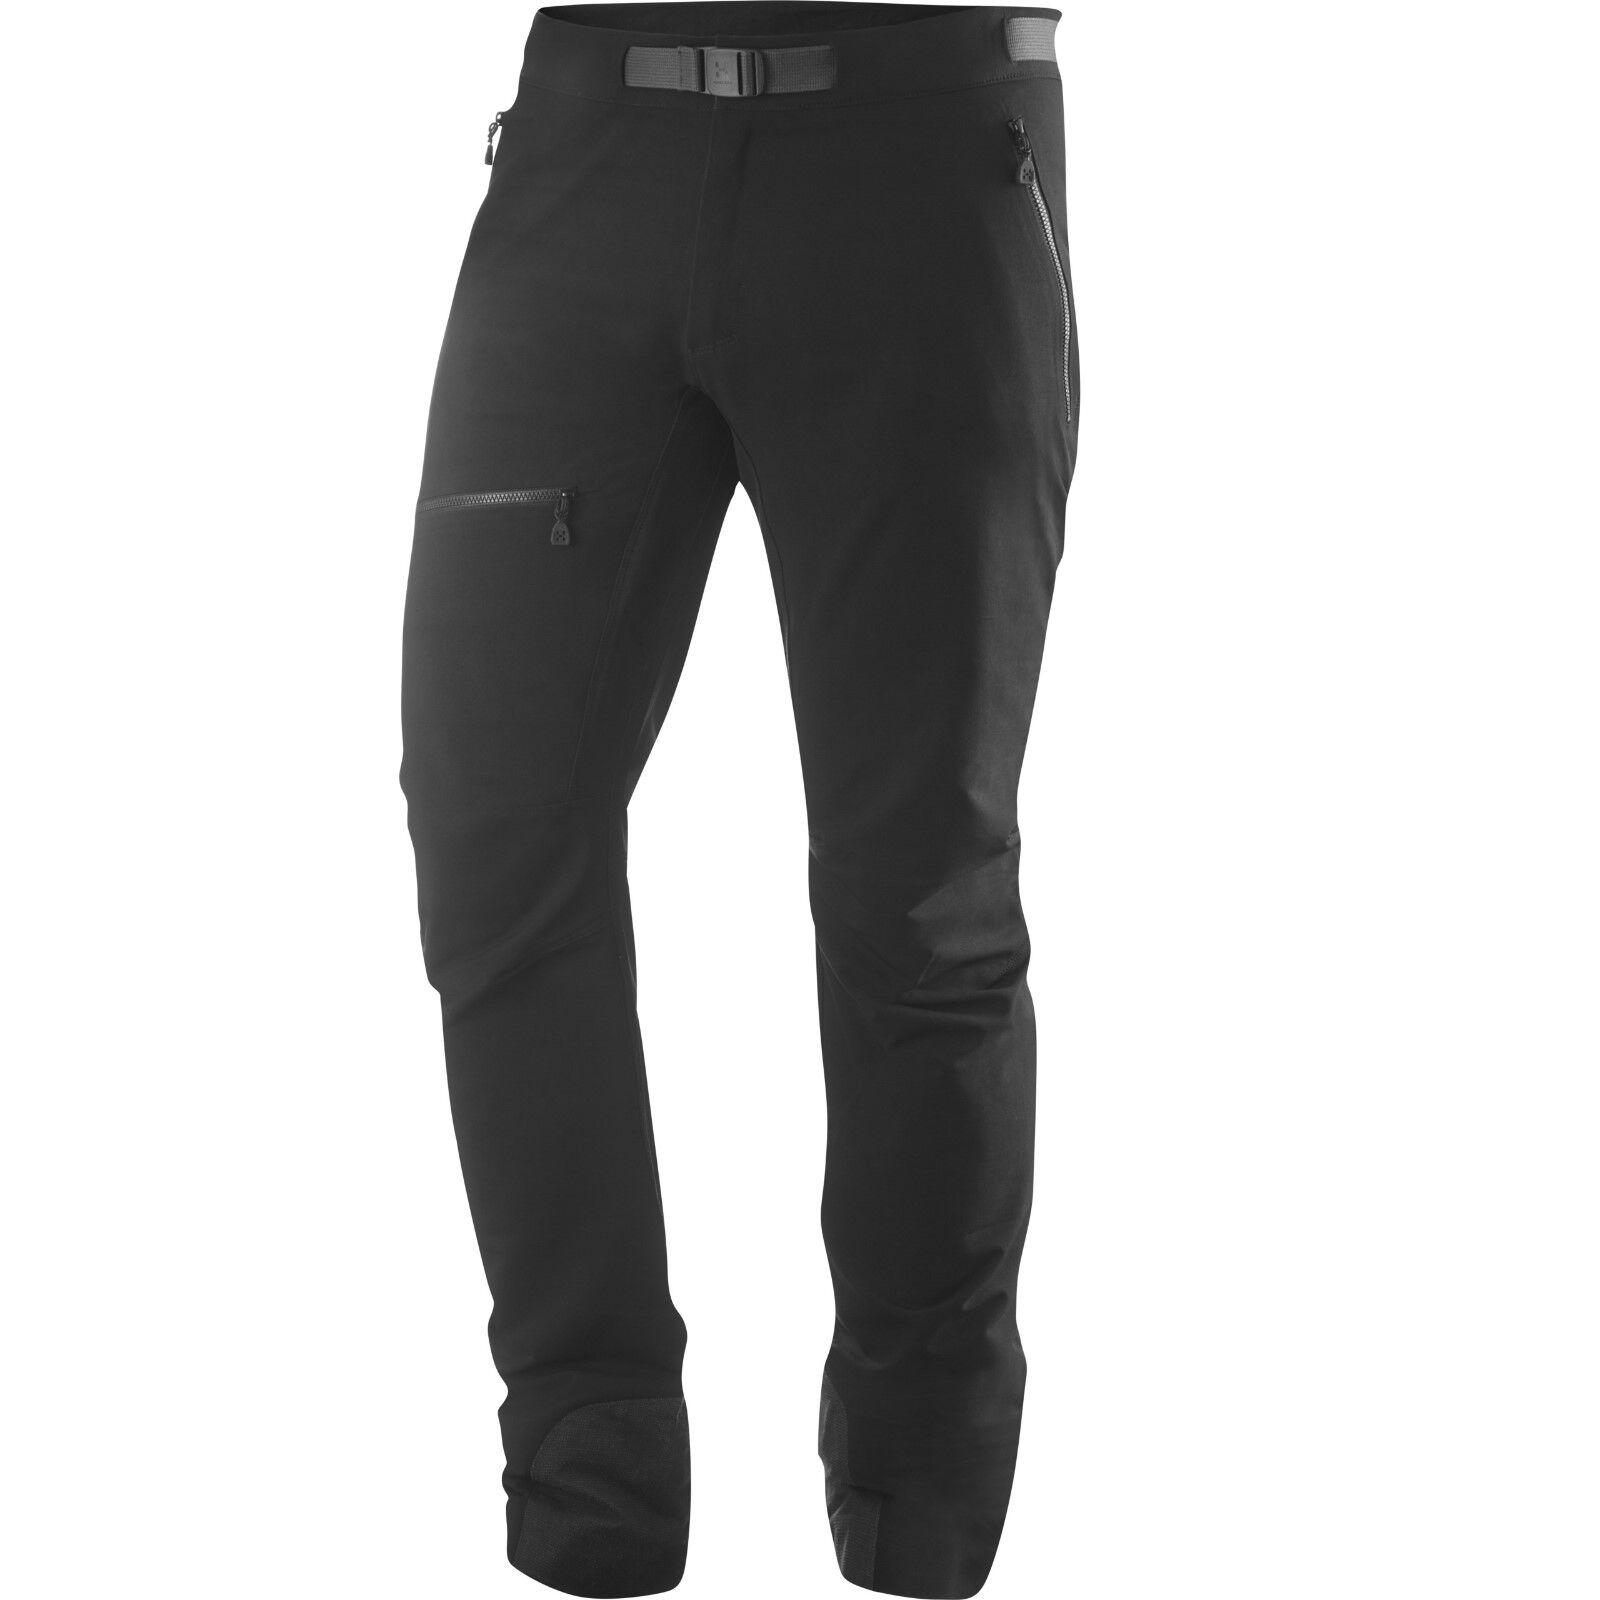 Haglöfs Skarn Winter Pant, warme Herren-Softshellhose, schwarz